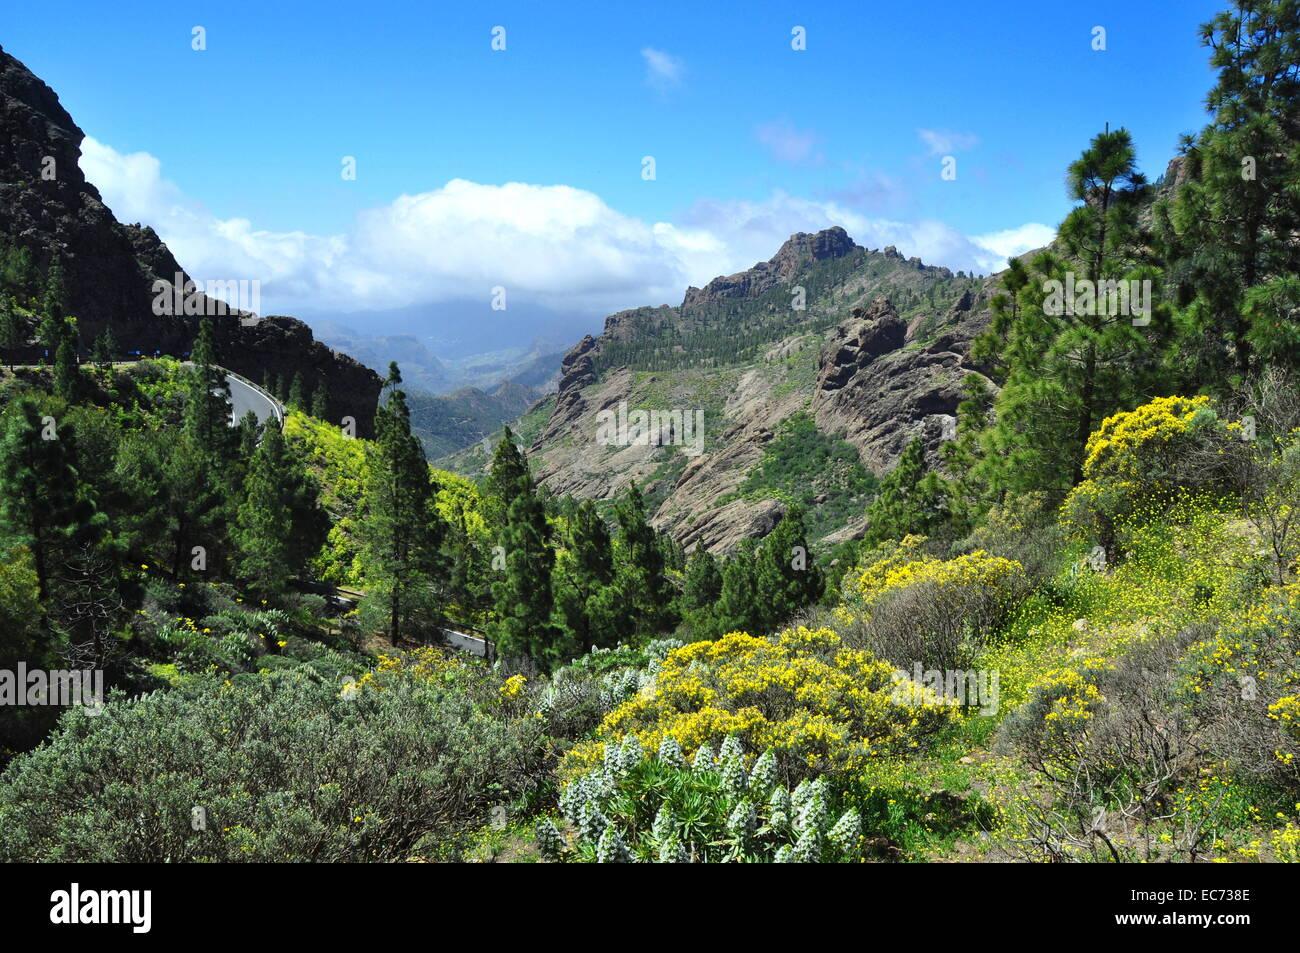 Schöne Landschaft in den Bergen von Gran Canaria, Spanien. Stockbild